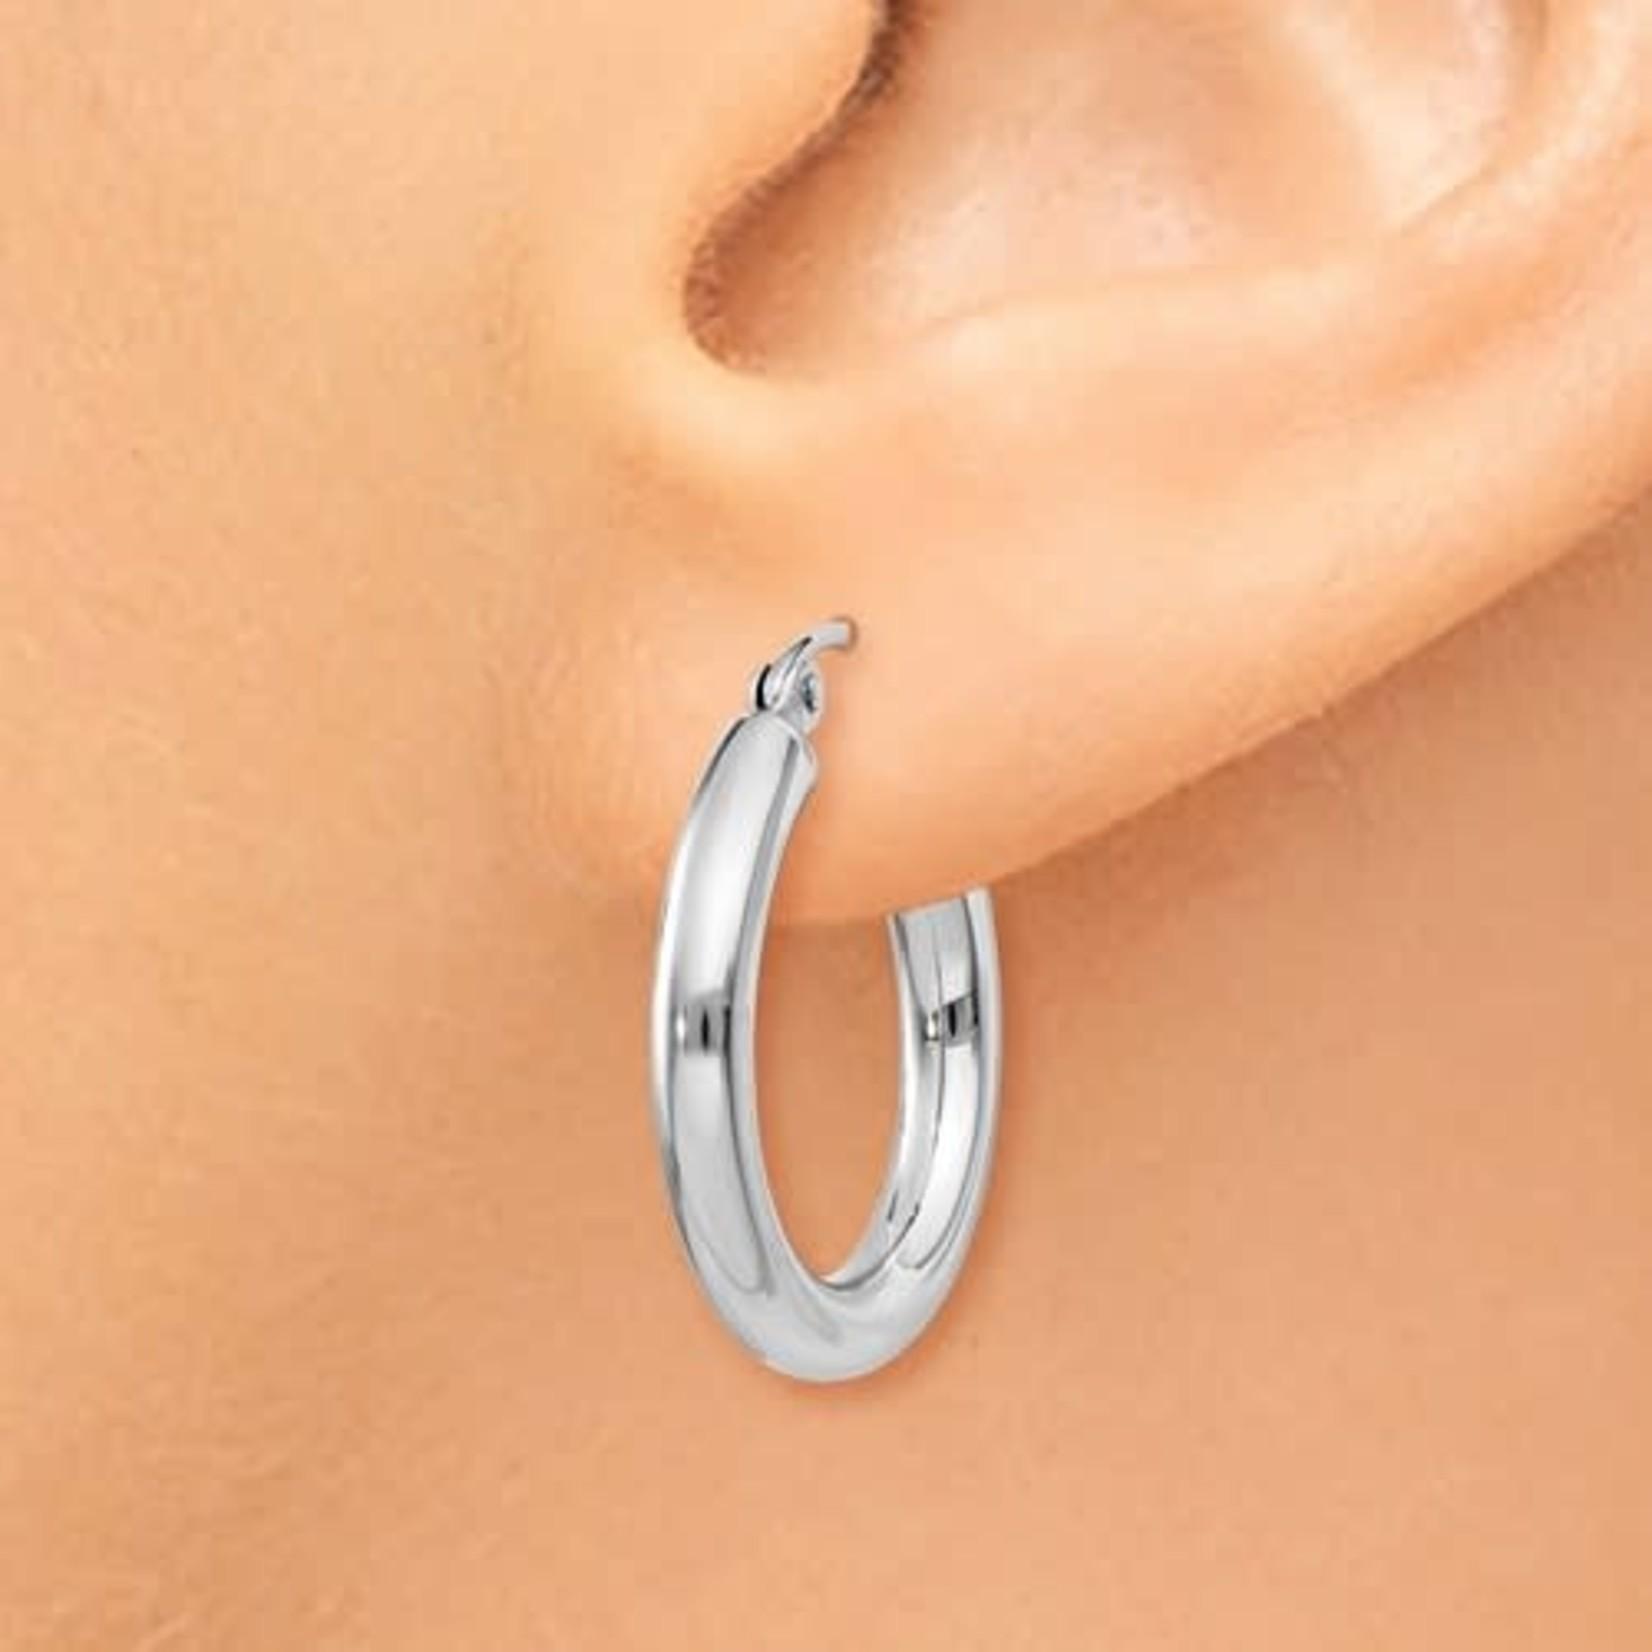 This Is Life Classic 3mm Hoop Earrings - 14ktw